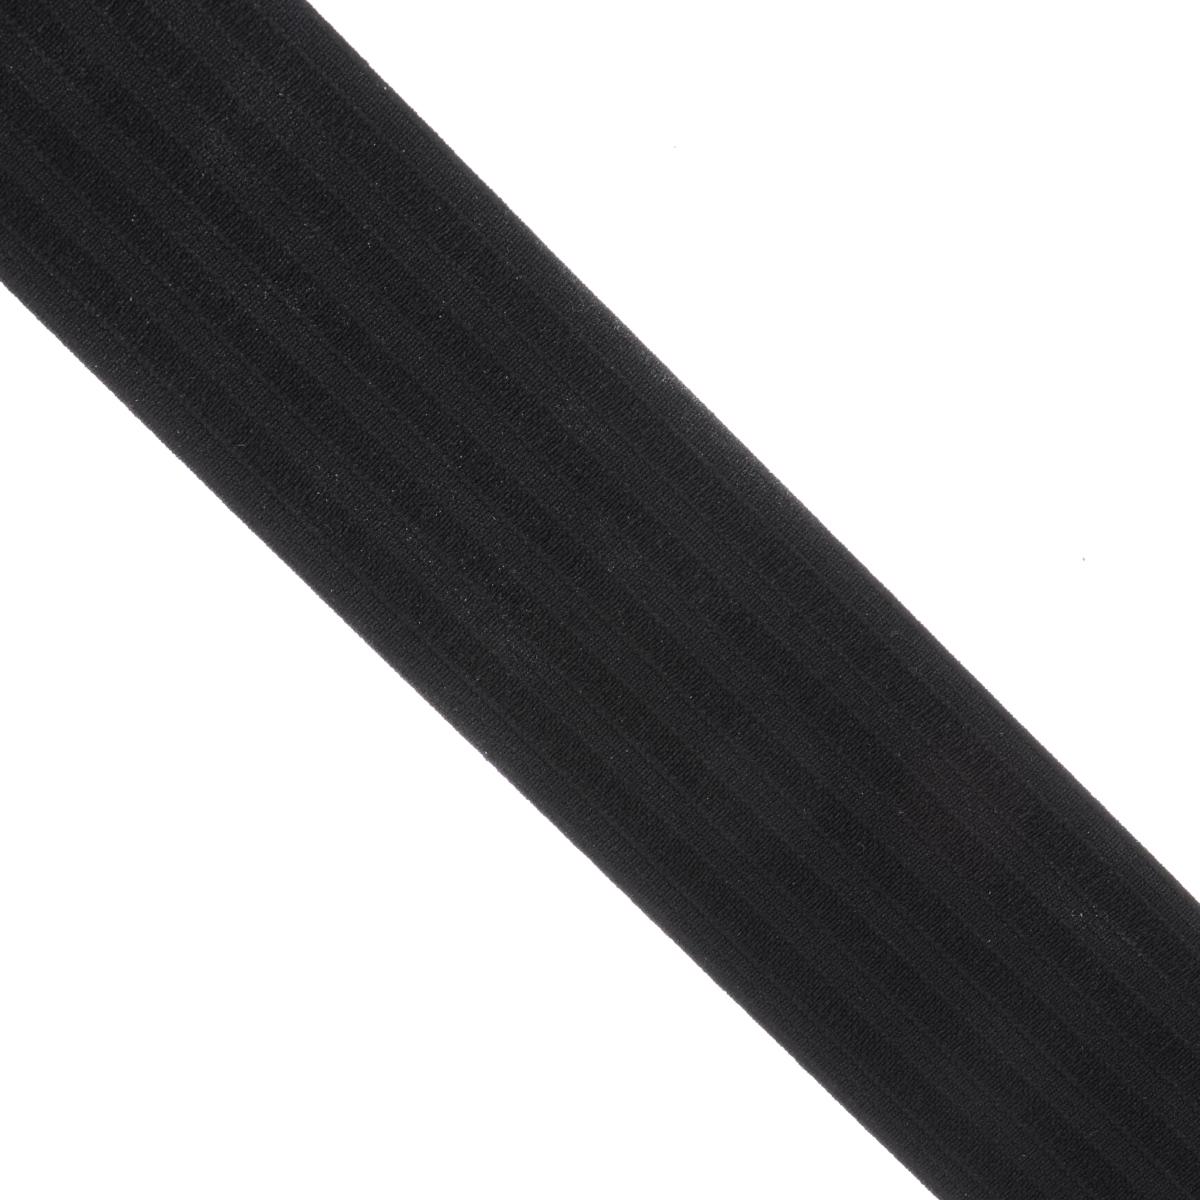 Лента эластичная Prym, для уплотнения шва, цвет: черный, ширина 2 см, длина 10 м693538Эластичная лента Prym предназначена для уплотнения шва. Выполнена из полиэстера (80%) и эластомера (20%). Ткань прочная, стабильная, облегчает равномерное притачивание внутренней отделки. Длина ленты: 10 м. Ширина ленты: 2 см.